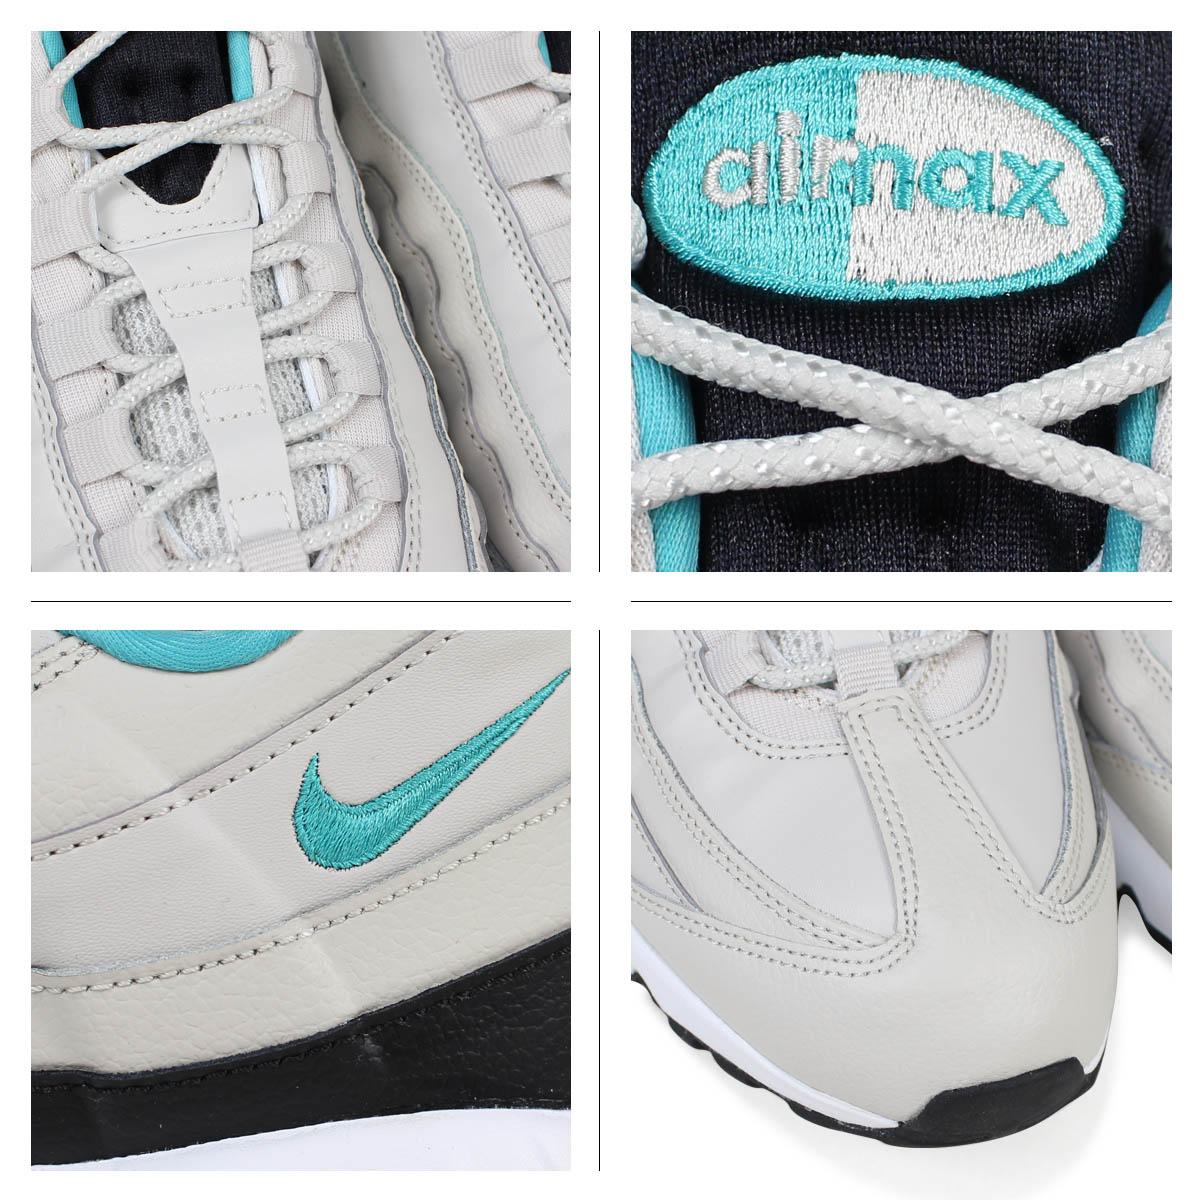 Men 749766 027 Nike Air Max 95 Essential Light BoneSport